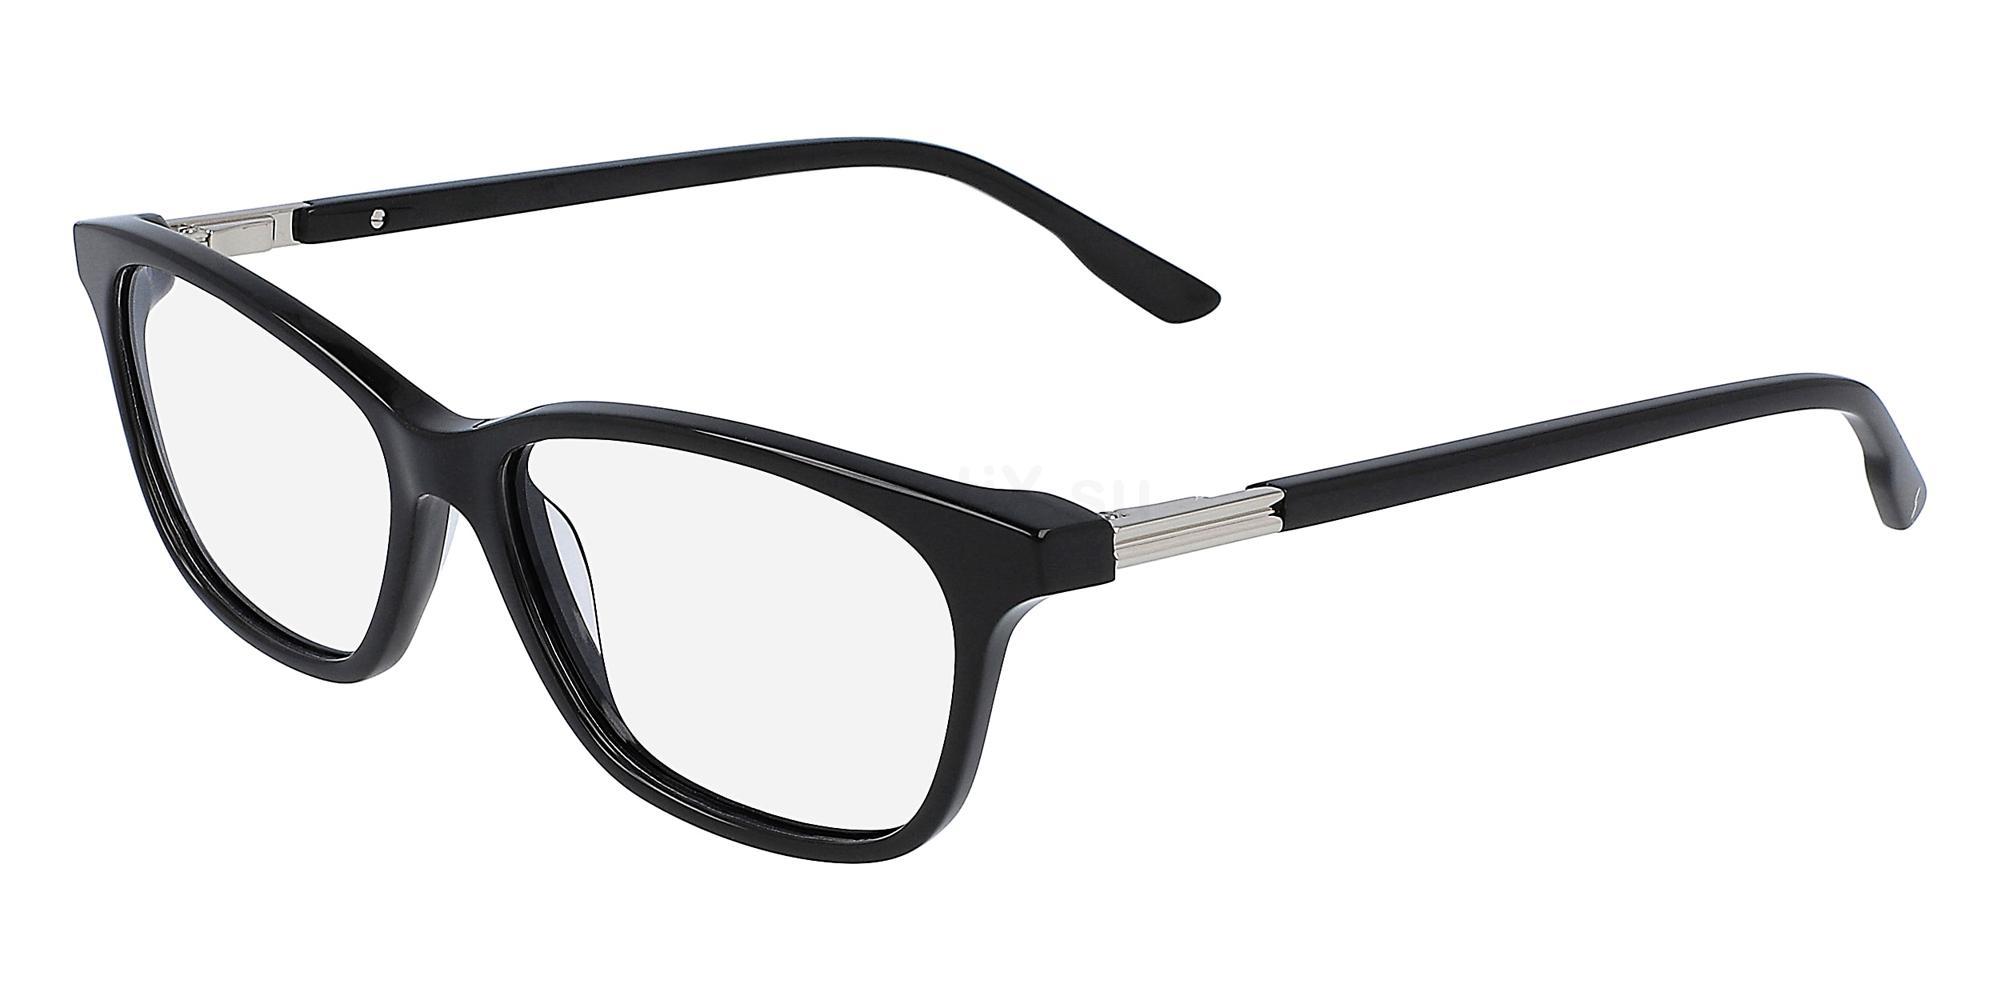 001 SK2850 SANDLILJA Glasses, Skaga